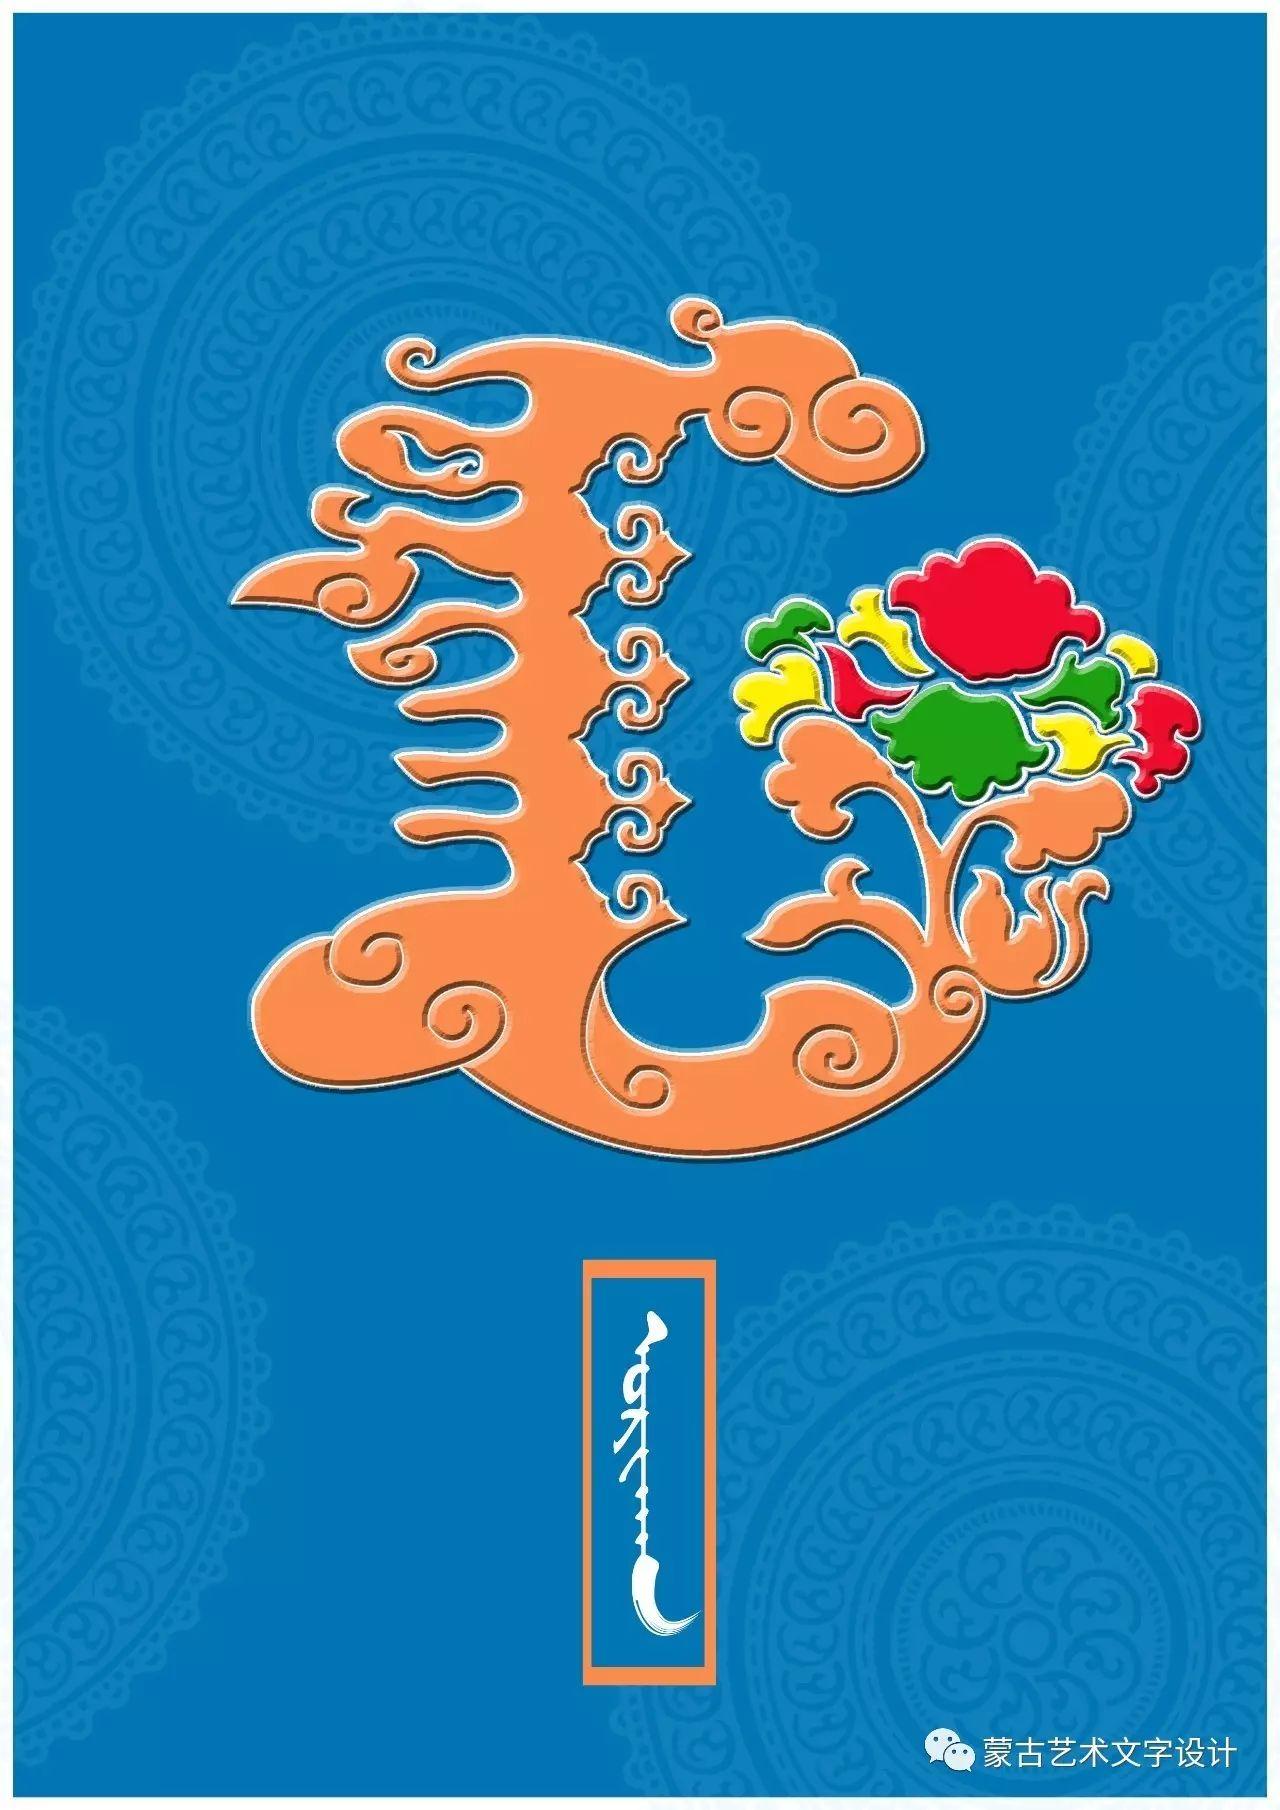 蒙古艺术文字设计 第14张